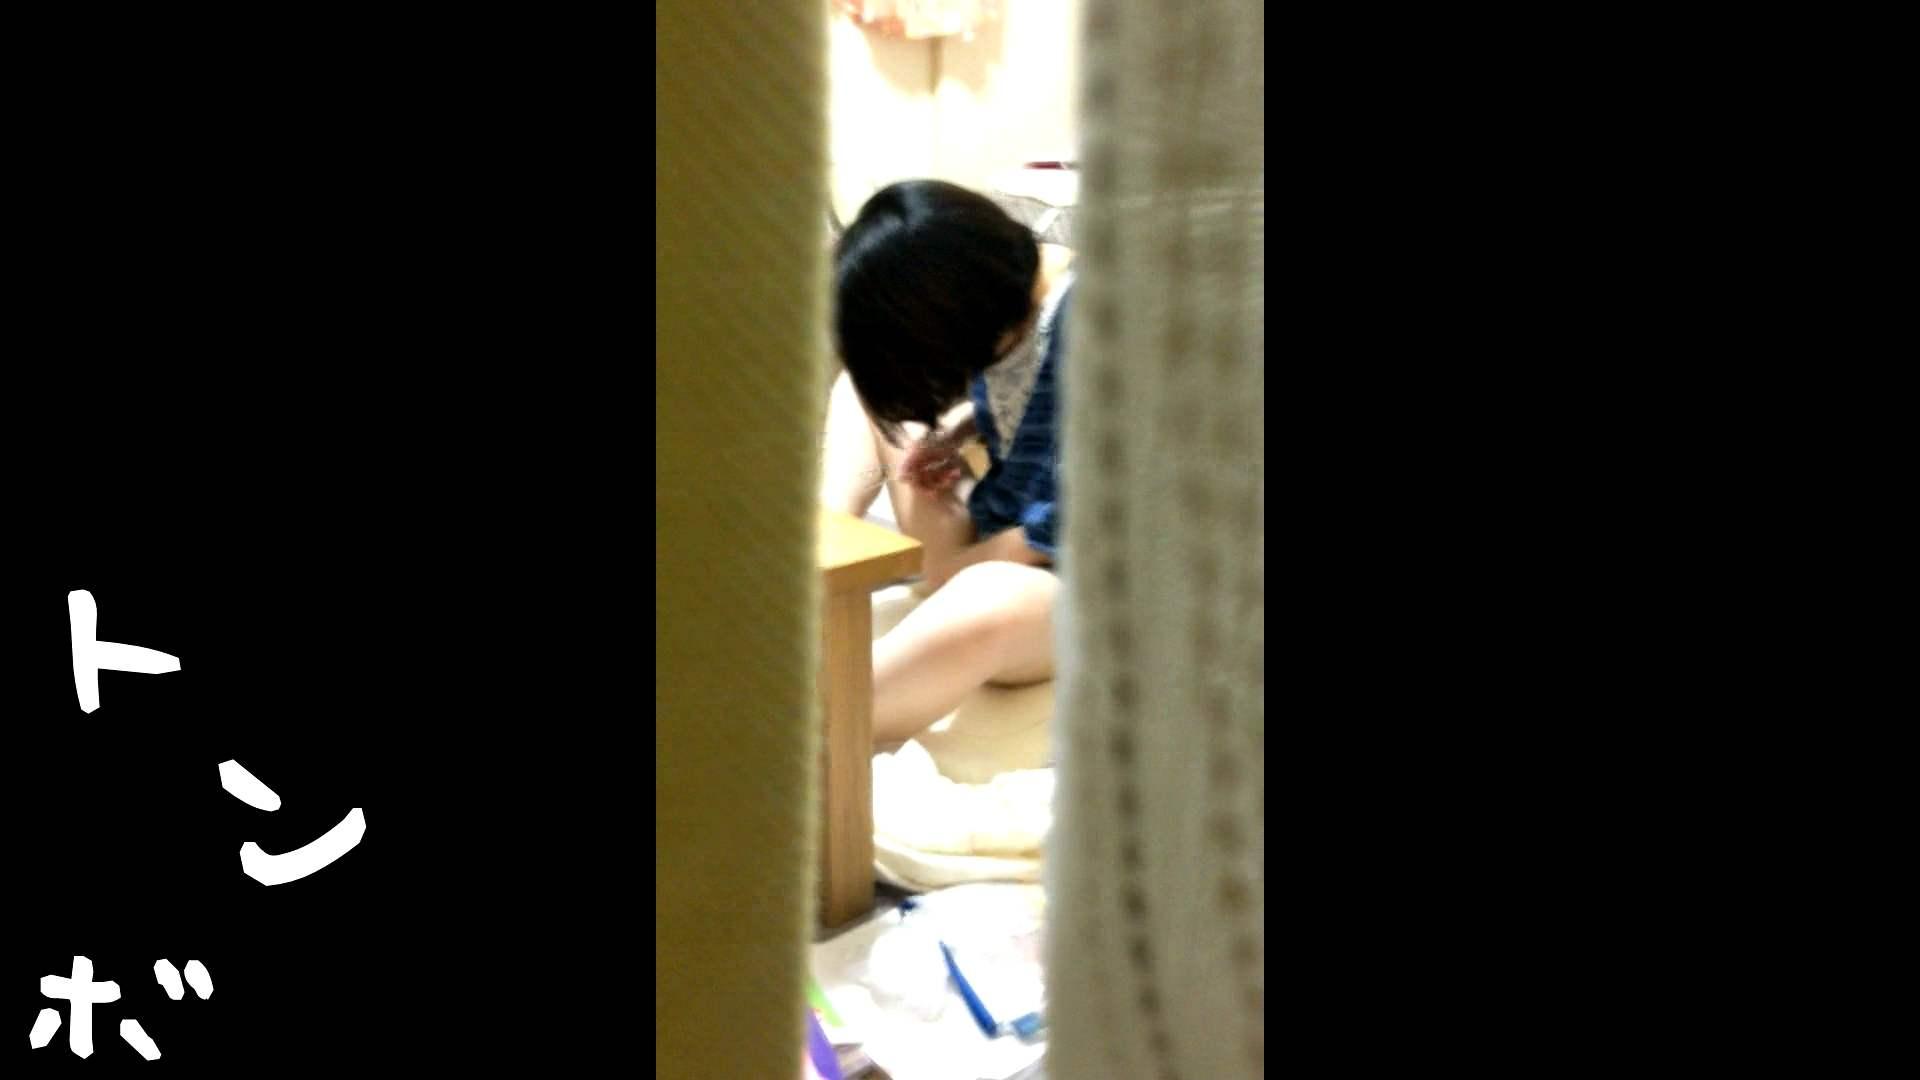 リアル盗撮 作家志望J子 アソコのお手入れ最中に感じてパンツを湿らす 盗撮 | 隠れた名作  38画像 2